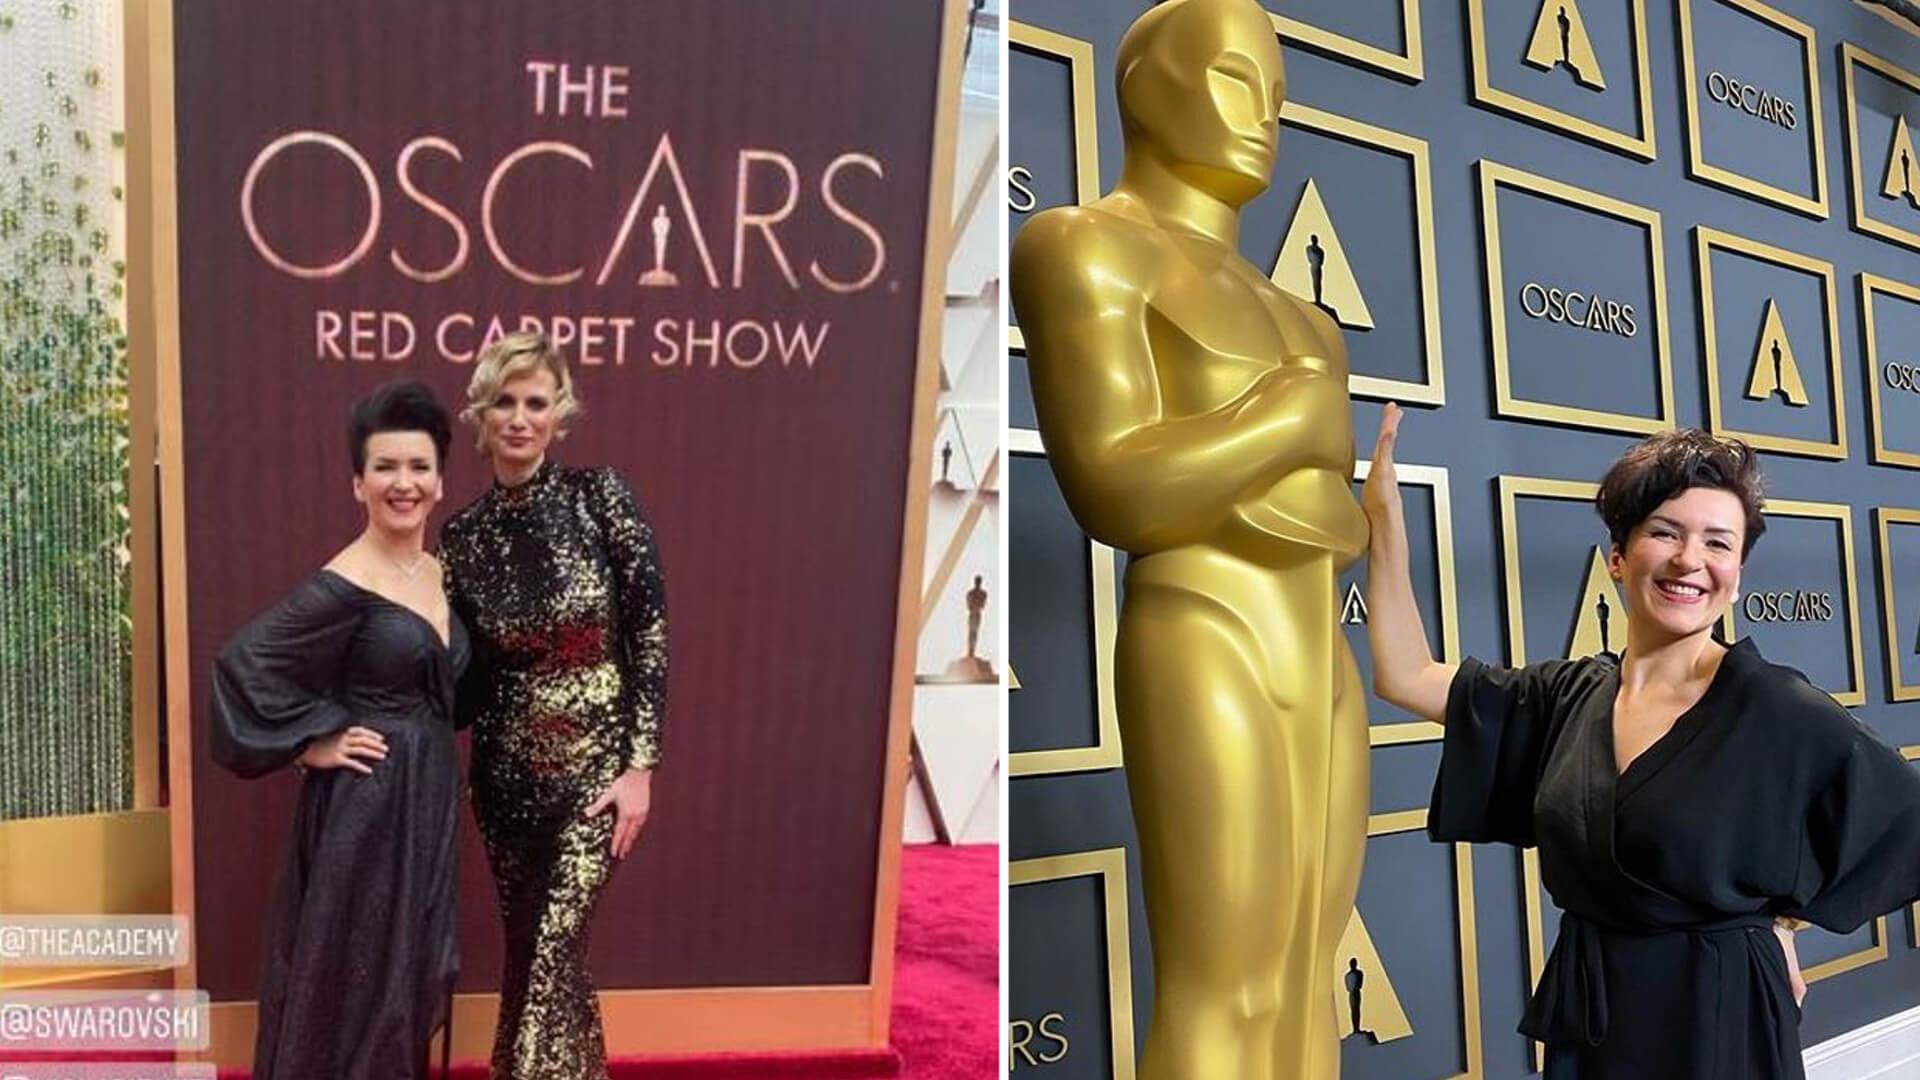 Polka, Katarzyna Łaska zaśpiewała na tegorocznej gali wręczenia Oscarów!